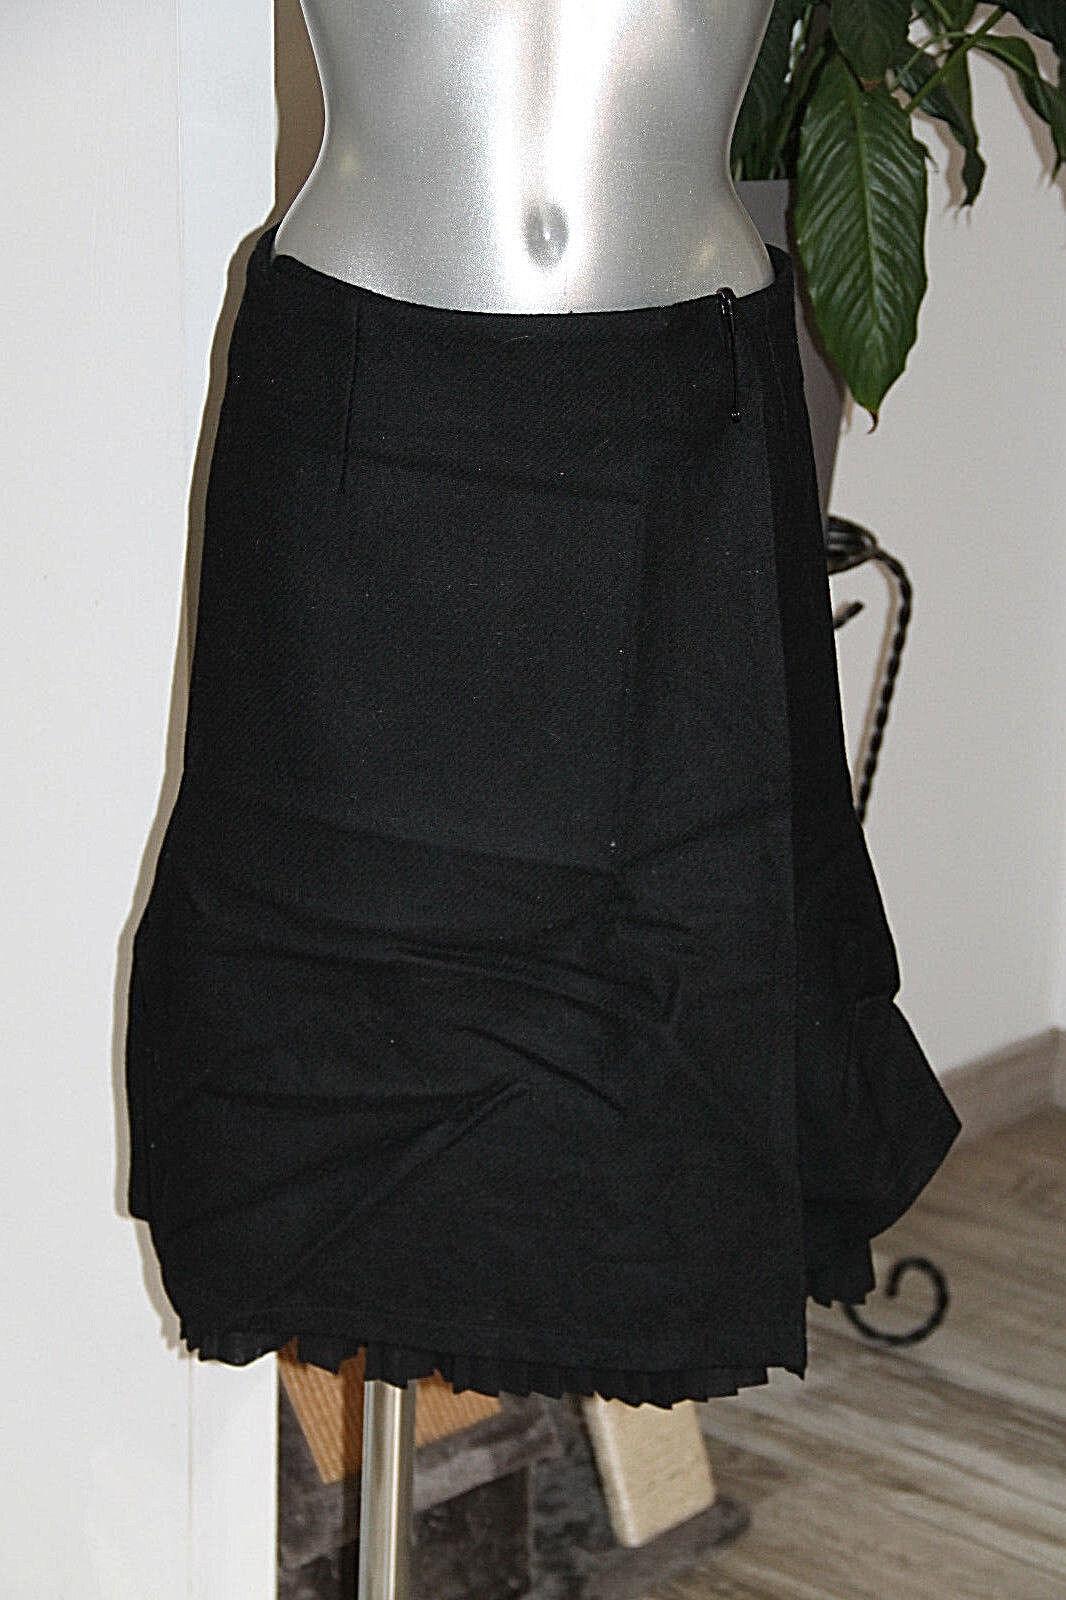 Luxueuse jupe portefeuille laine COMPTOIR DES COTONNIERS size 40 parfait état